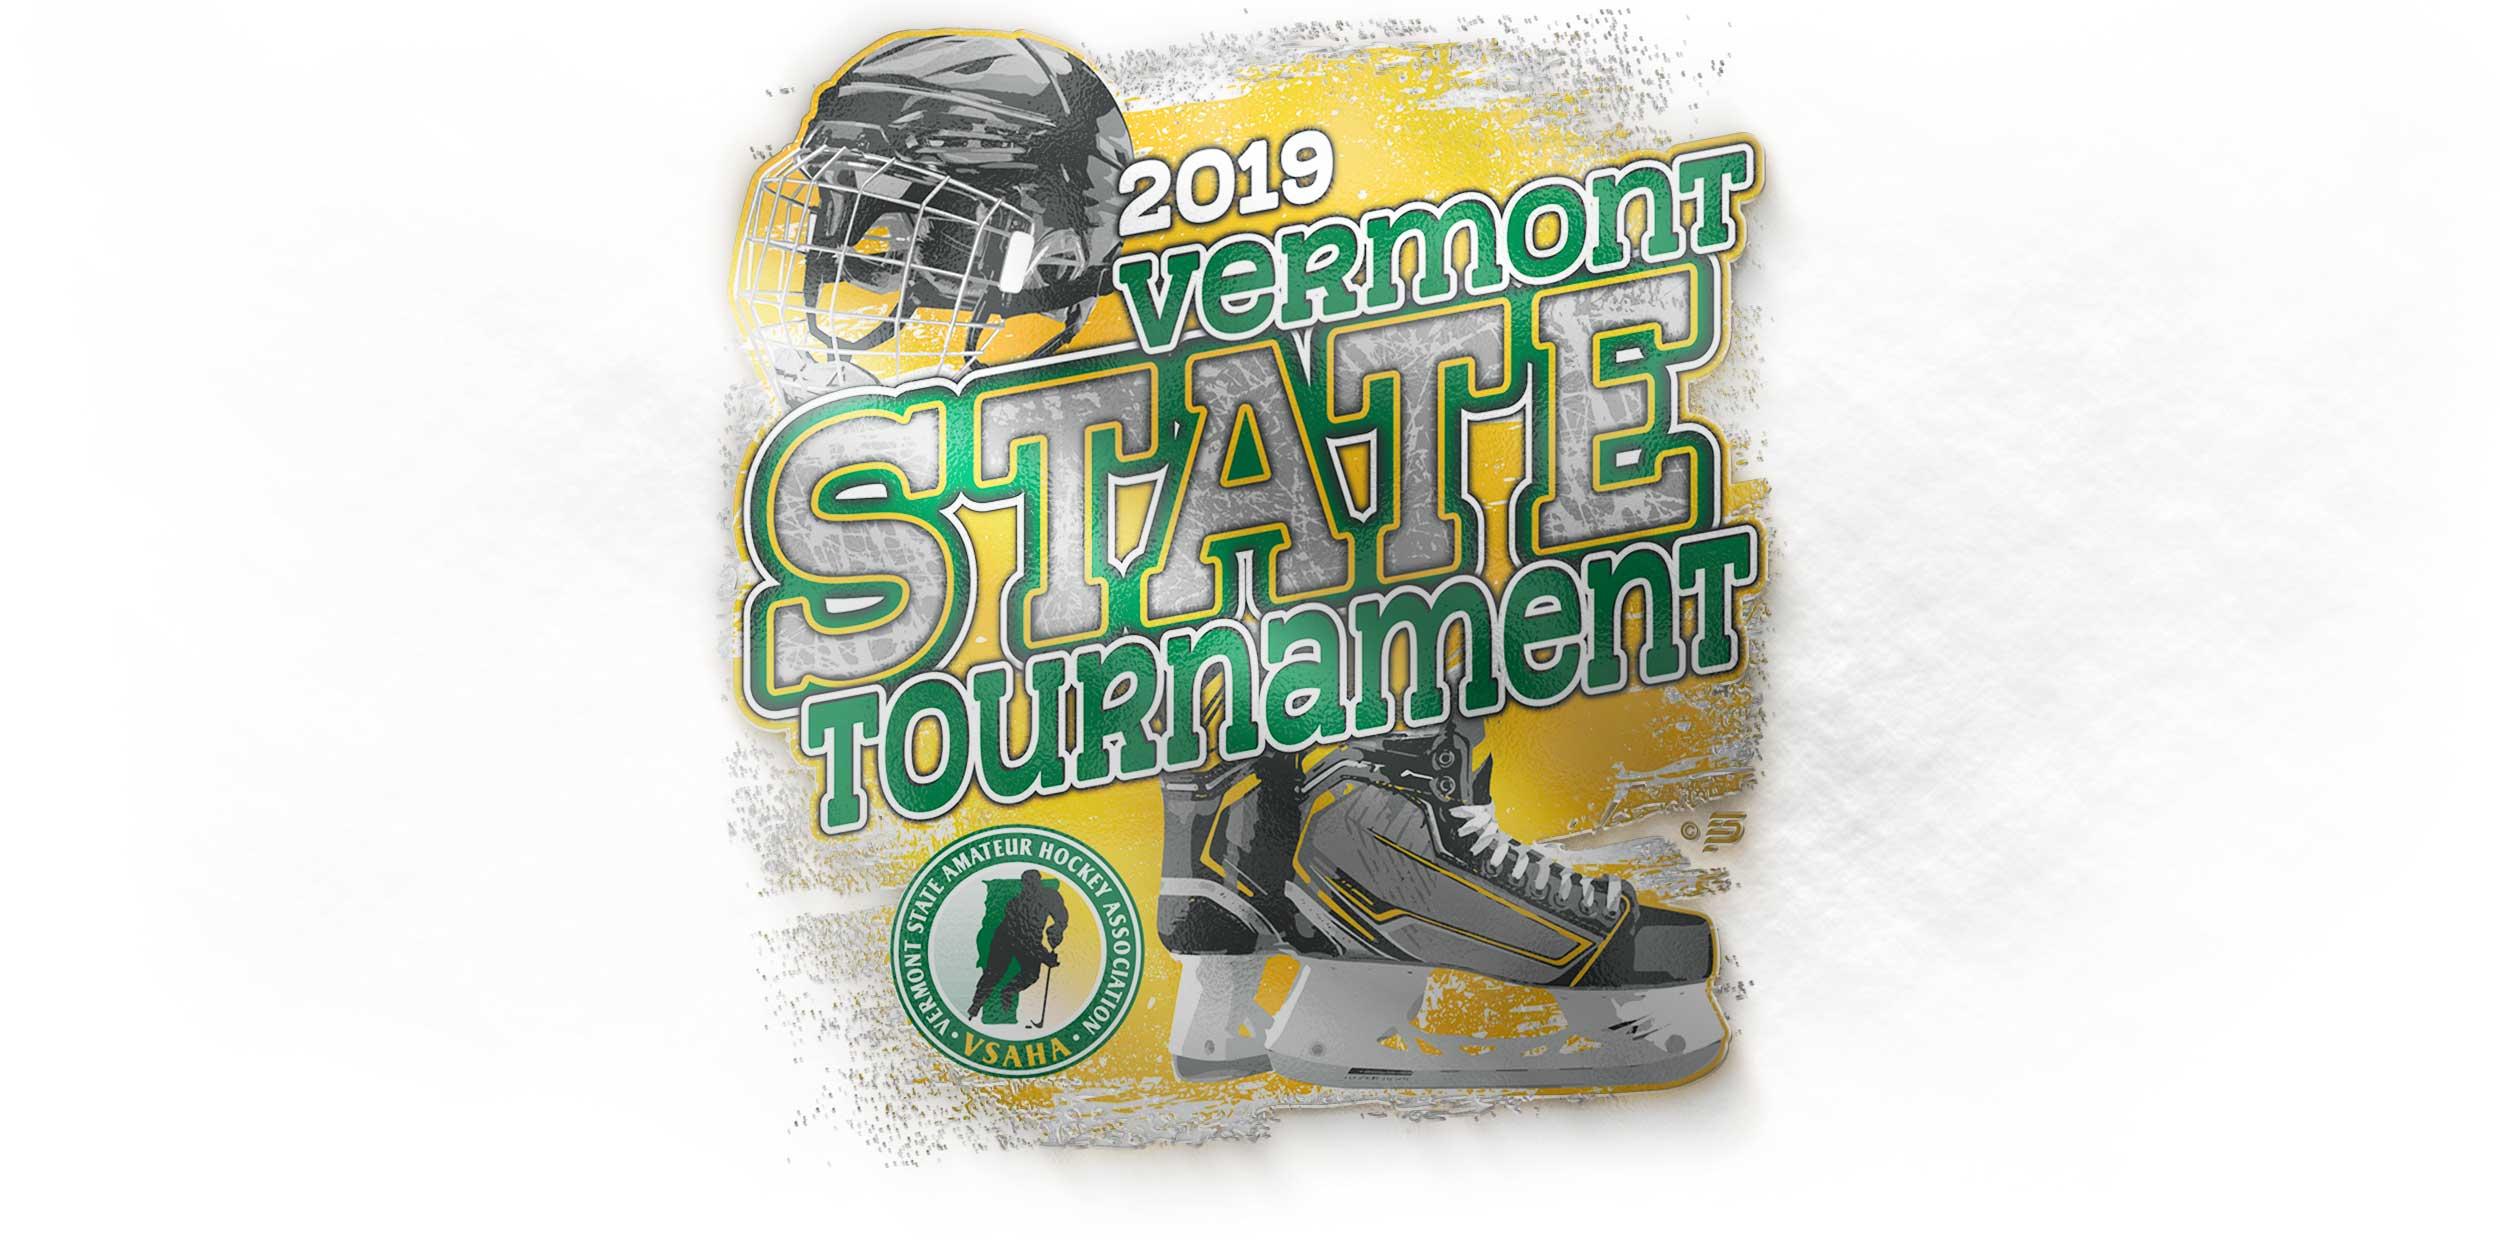 Vermont-State-Tournament-Fine-Designs-Apparel